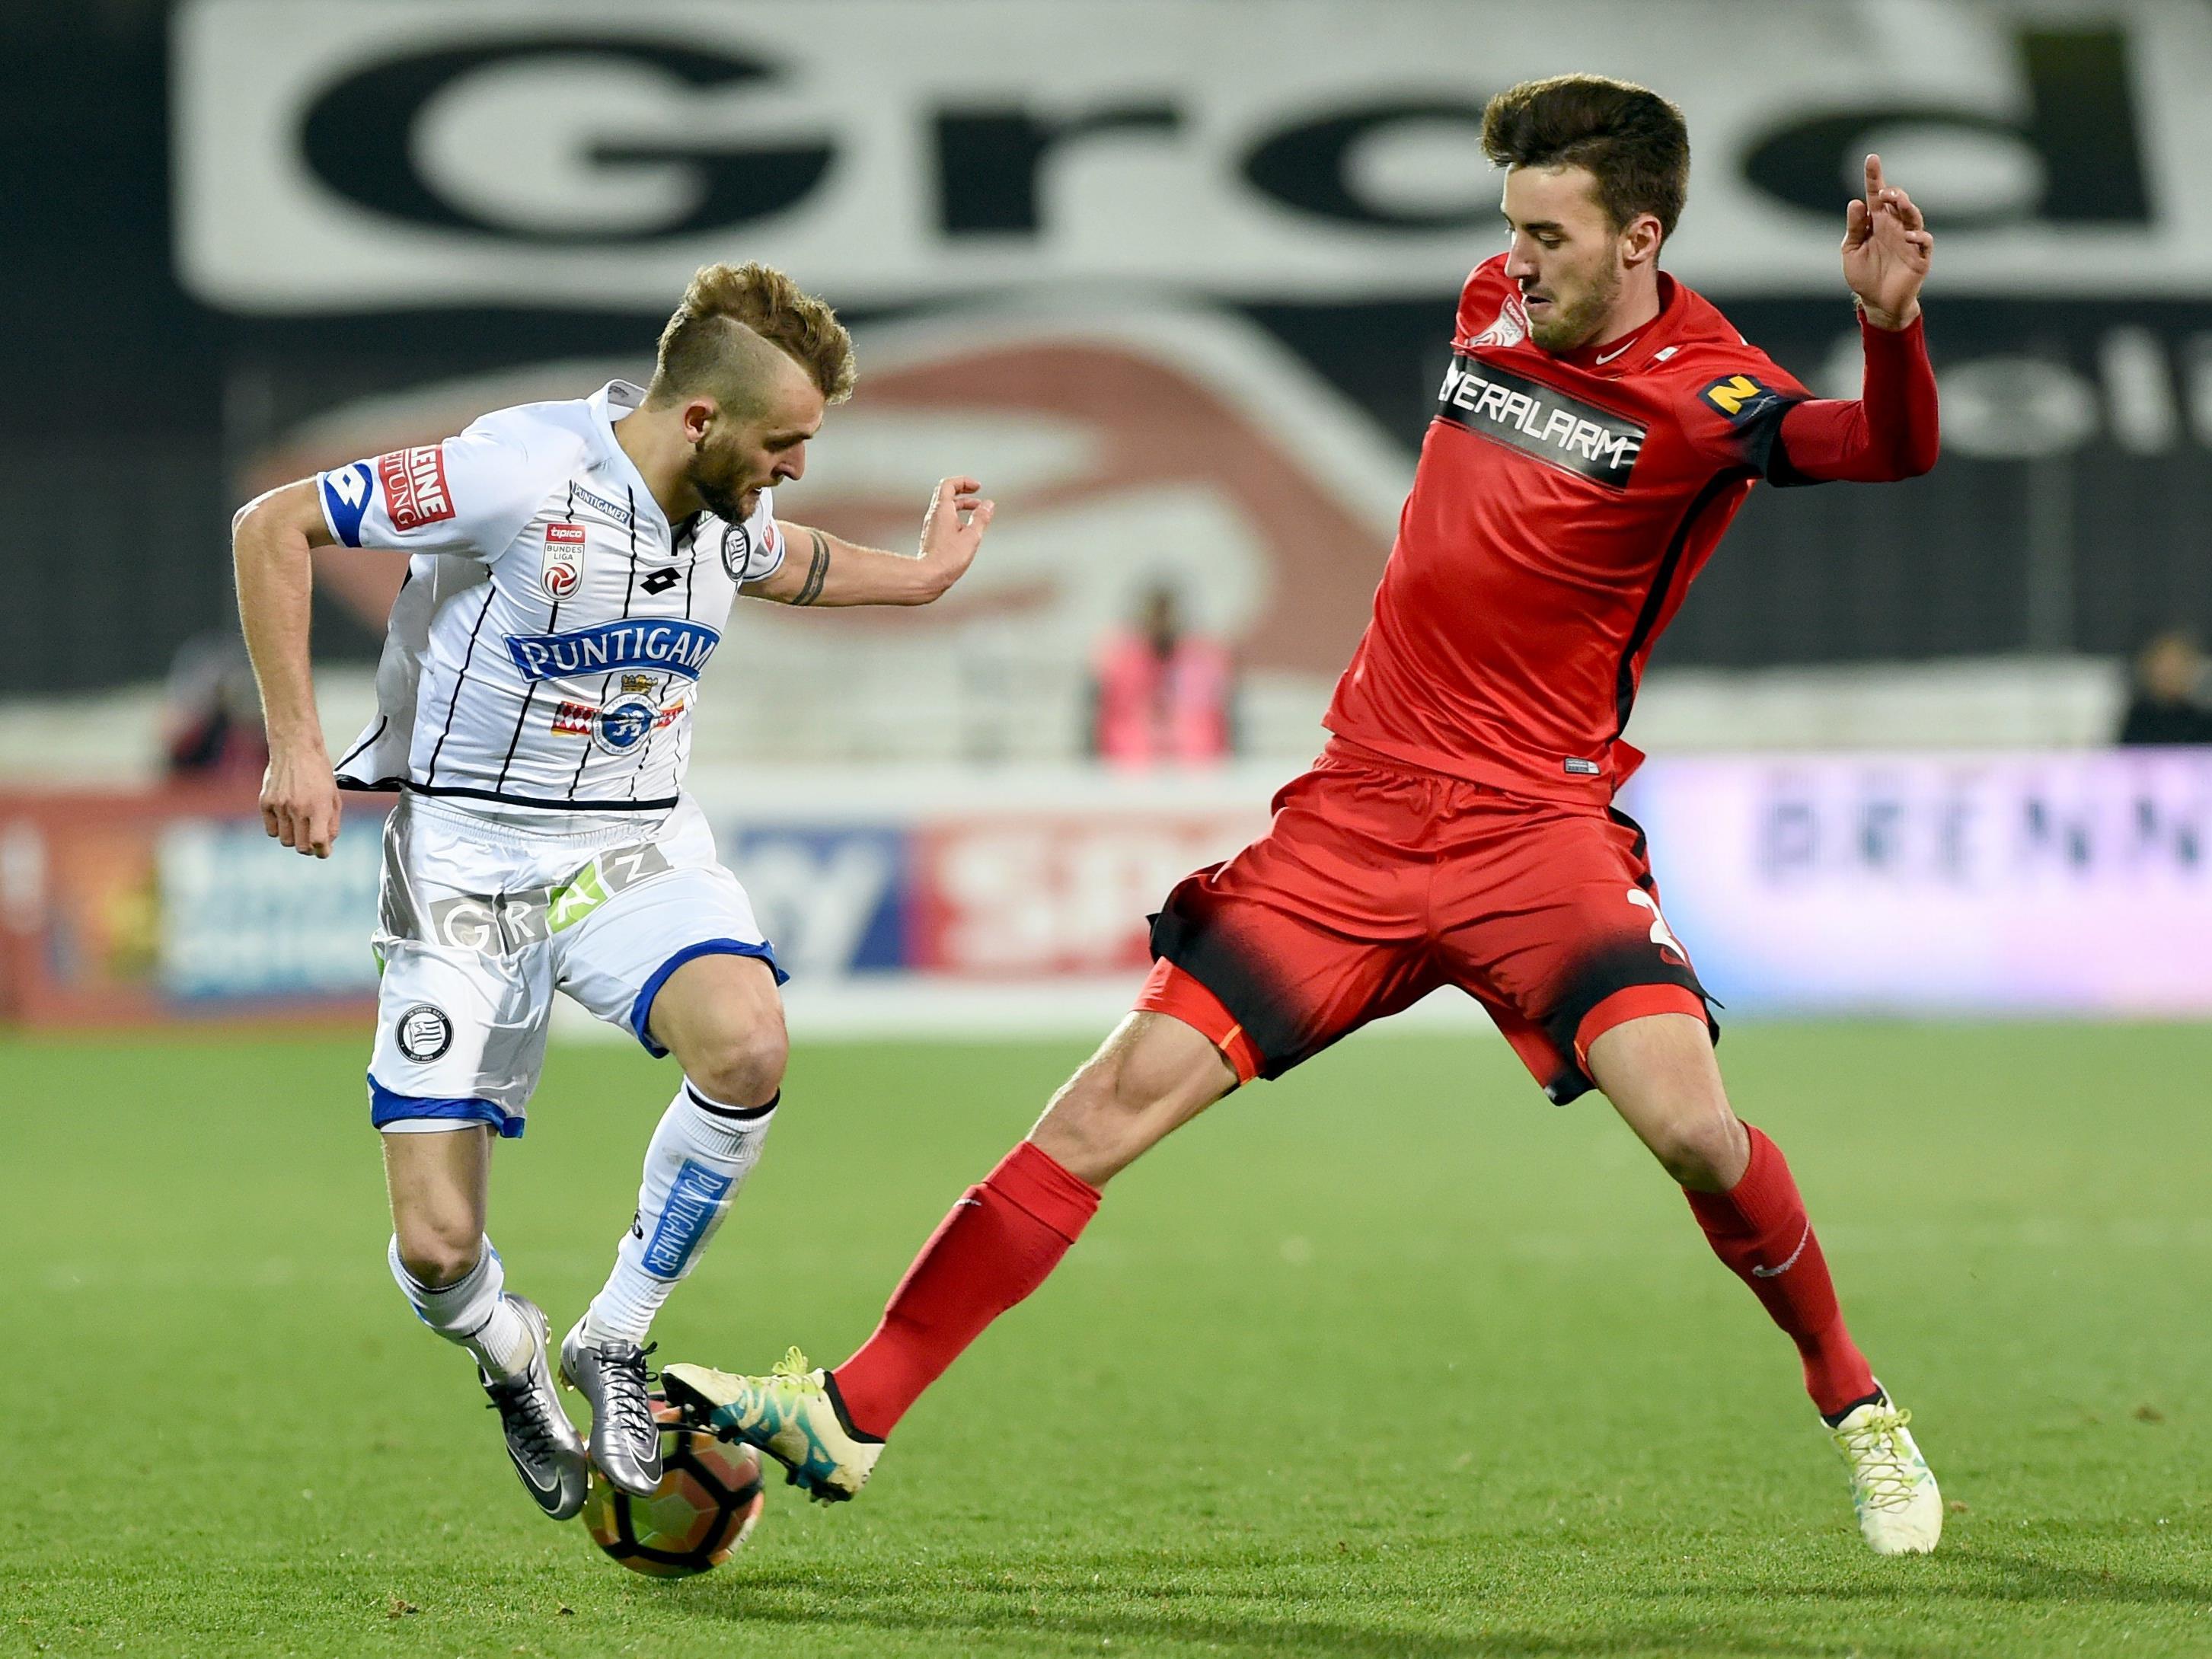 LIVE-Ticker zum Spiel SK Sturm Graz gegen FC Admira Wacker ab 16.30 Uhr.